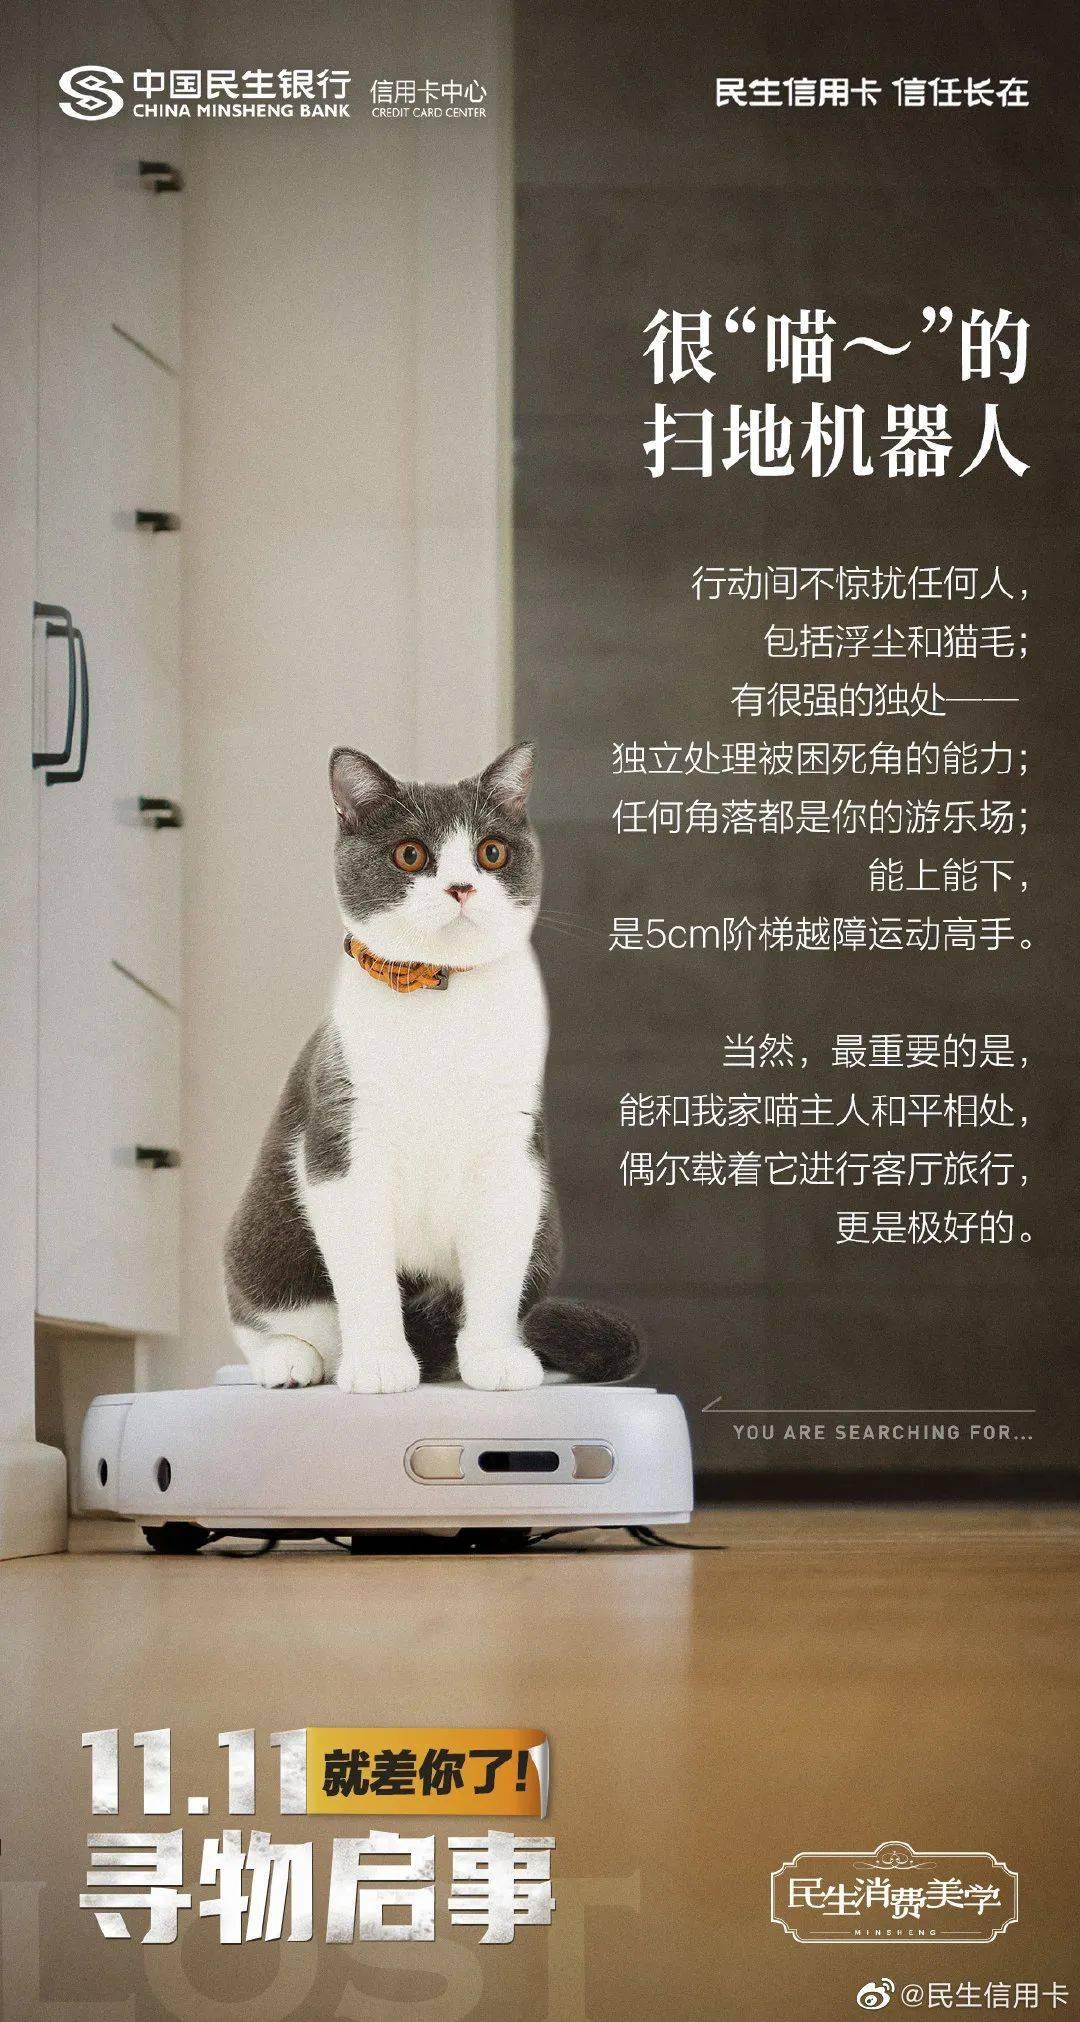 鸟哥笔记,广告创意,烧脑广告,海报,广告文案,广告,创意